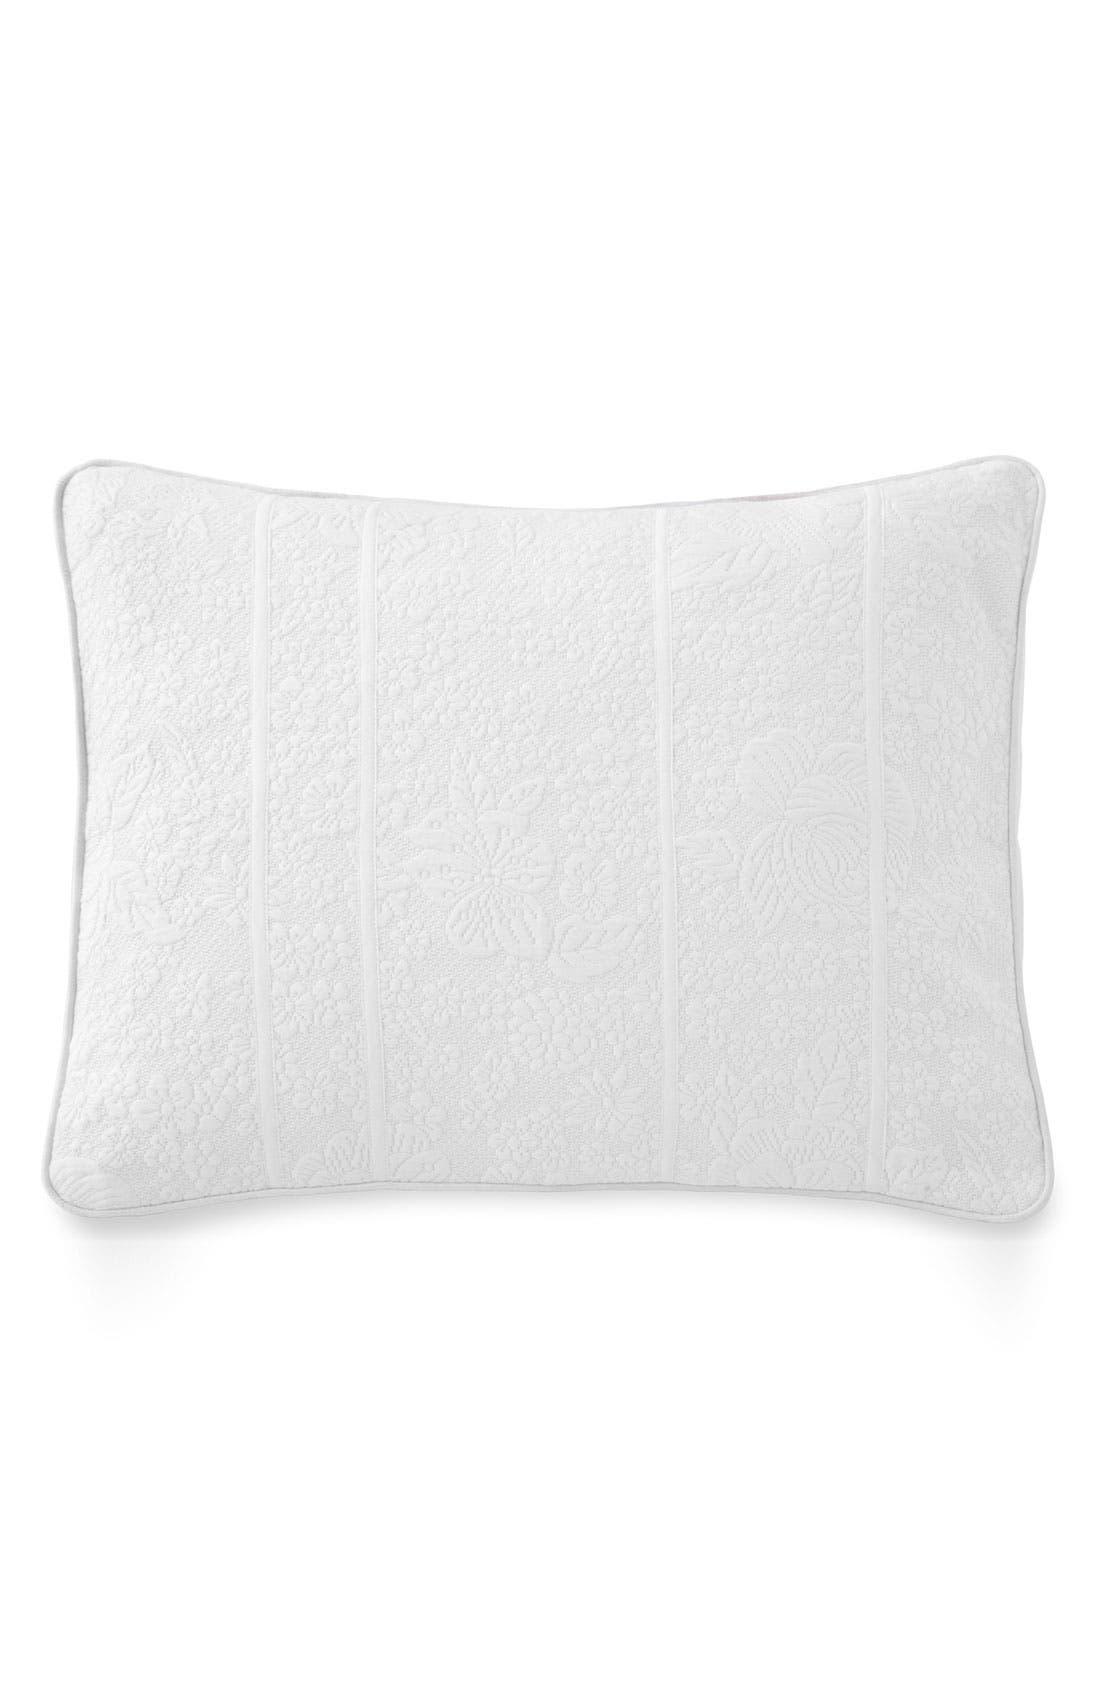 Main Image - DKNY 'Pure Innocence' Pillow Sham